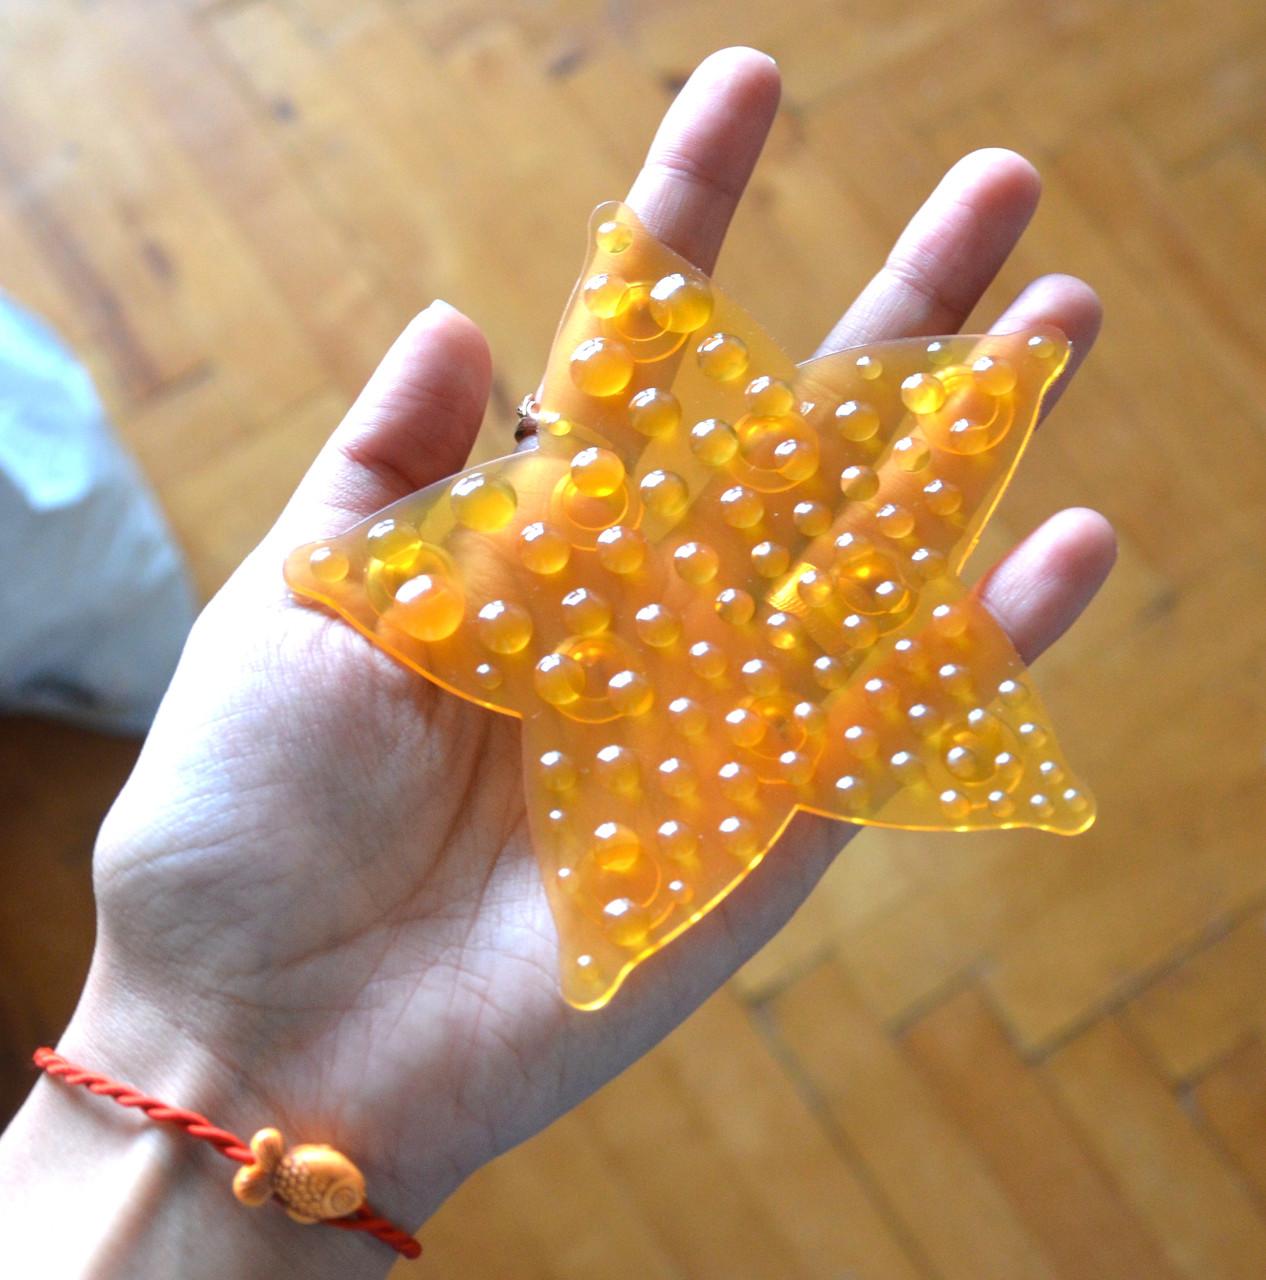 Морская звезда ОРТОпедическая оранжевая полуцвет. Мини-коврик